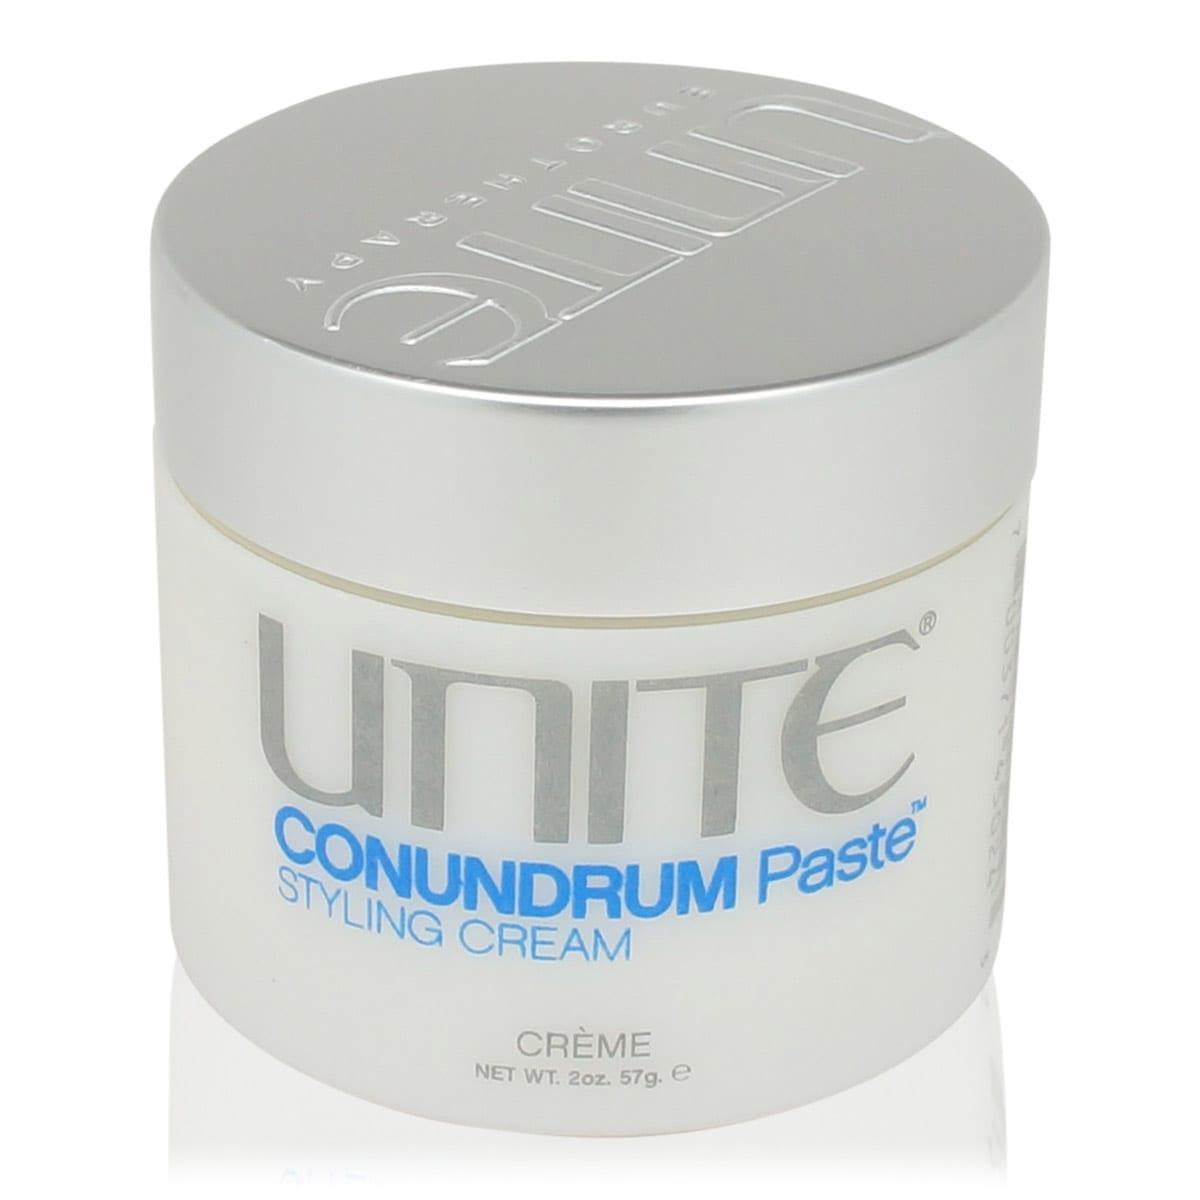 UNITE Hair Conundrum Paste Styling Cream 2 oz.